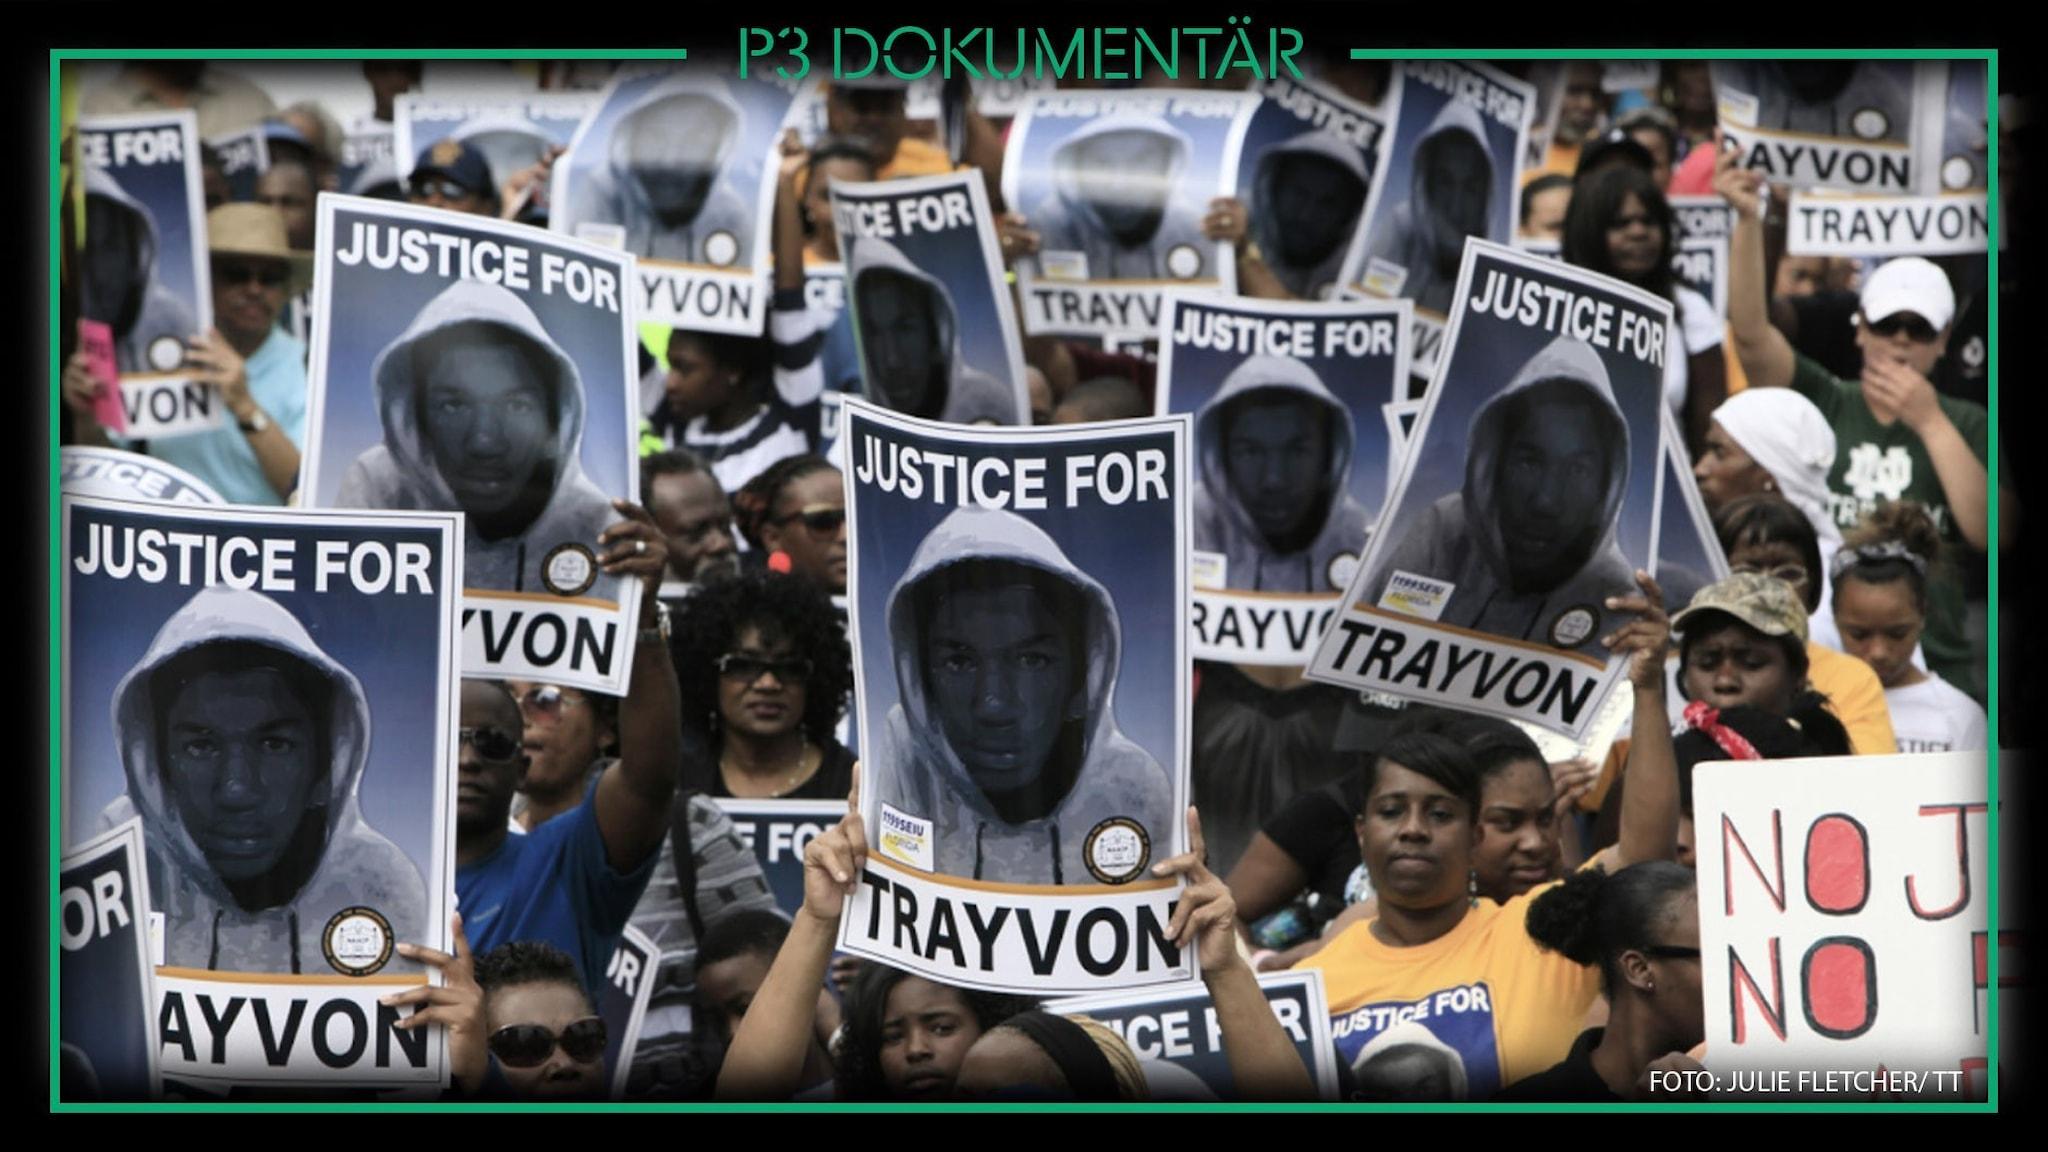 Trayvon Martin P3 Dokumentär